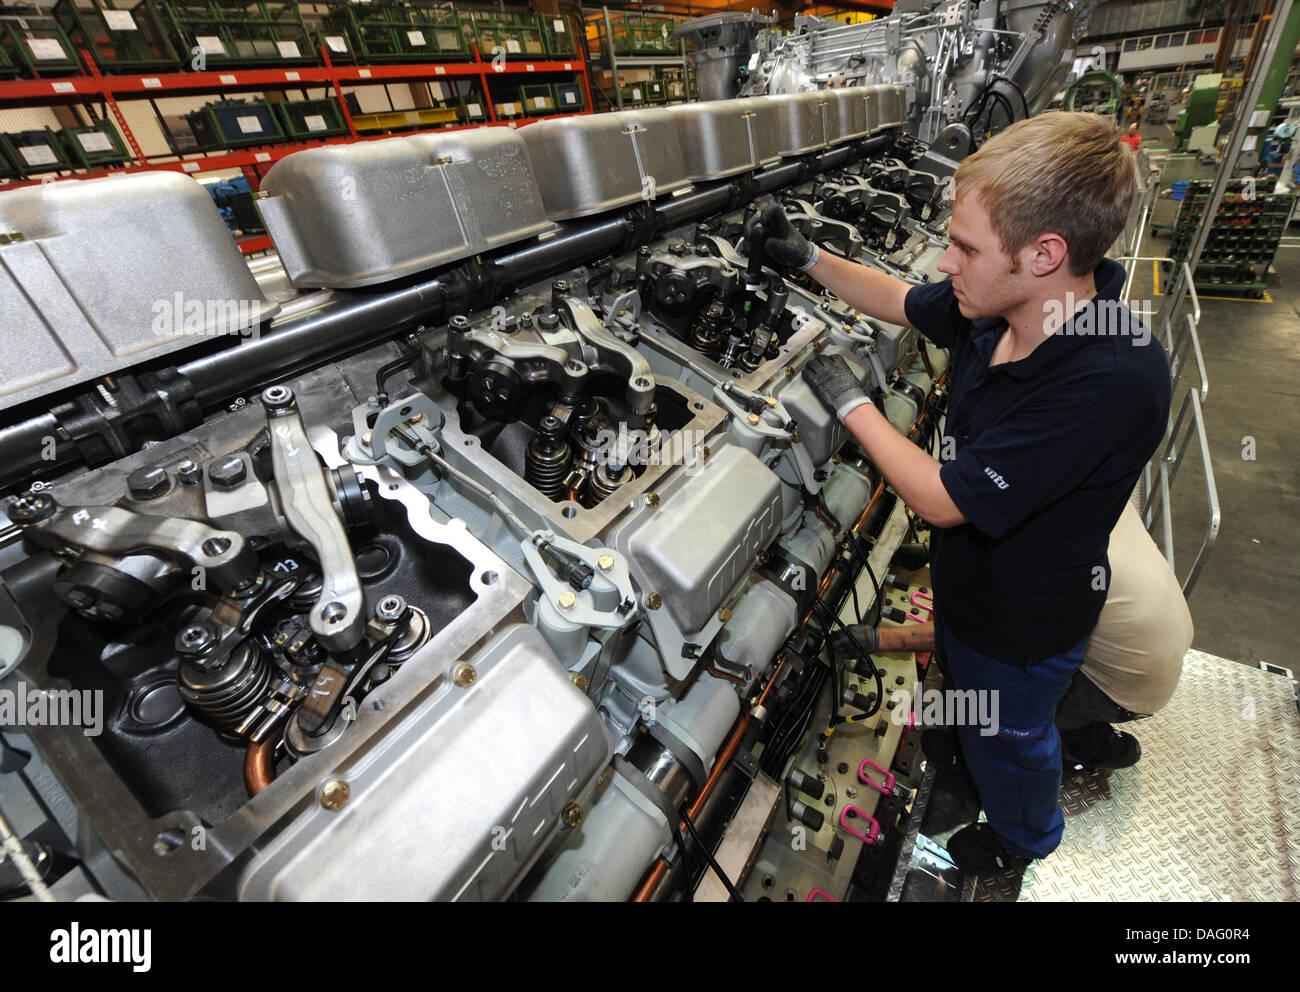 Mtu Stock Photos & Mtu Stock Images - Page 3 - Alamy